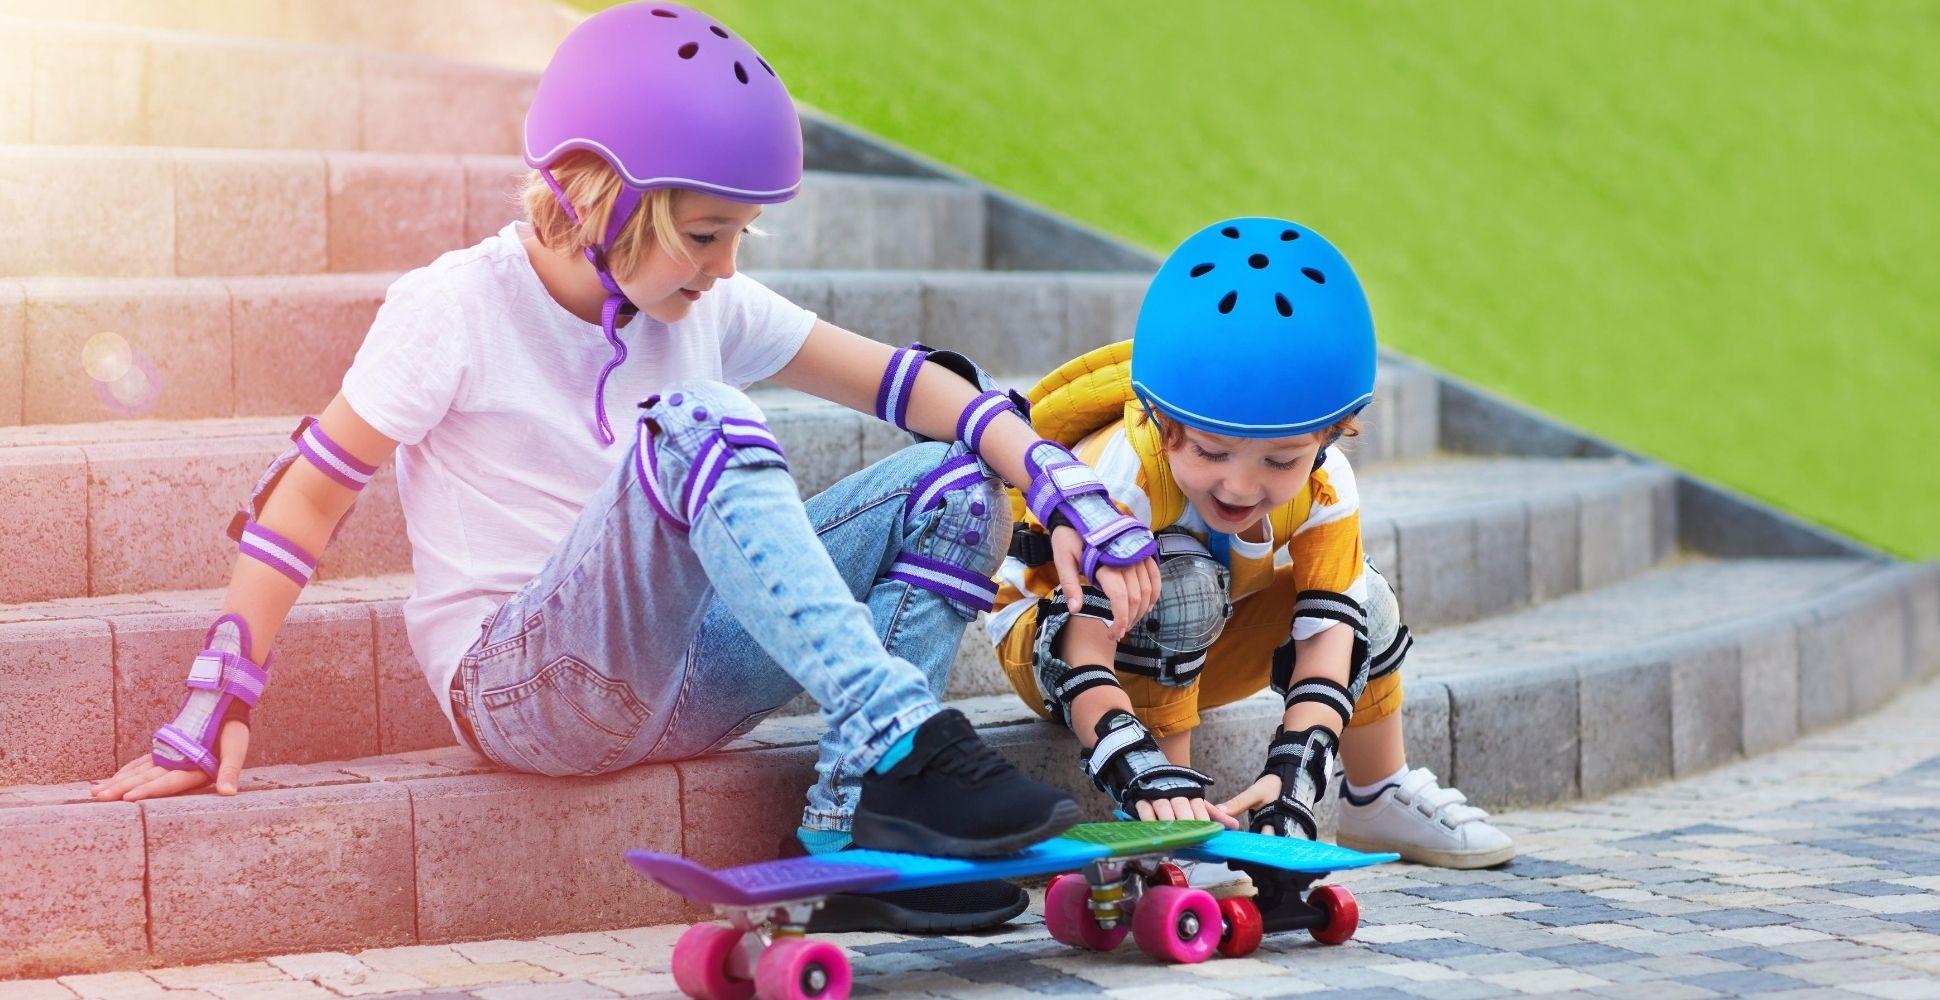 best-skateboard-for-kids